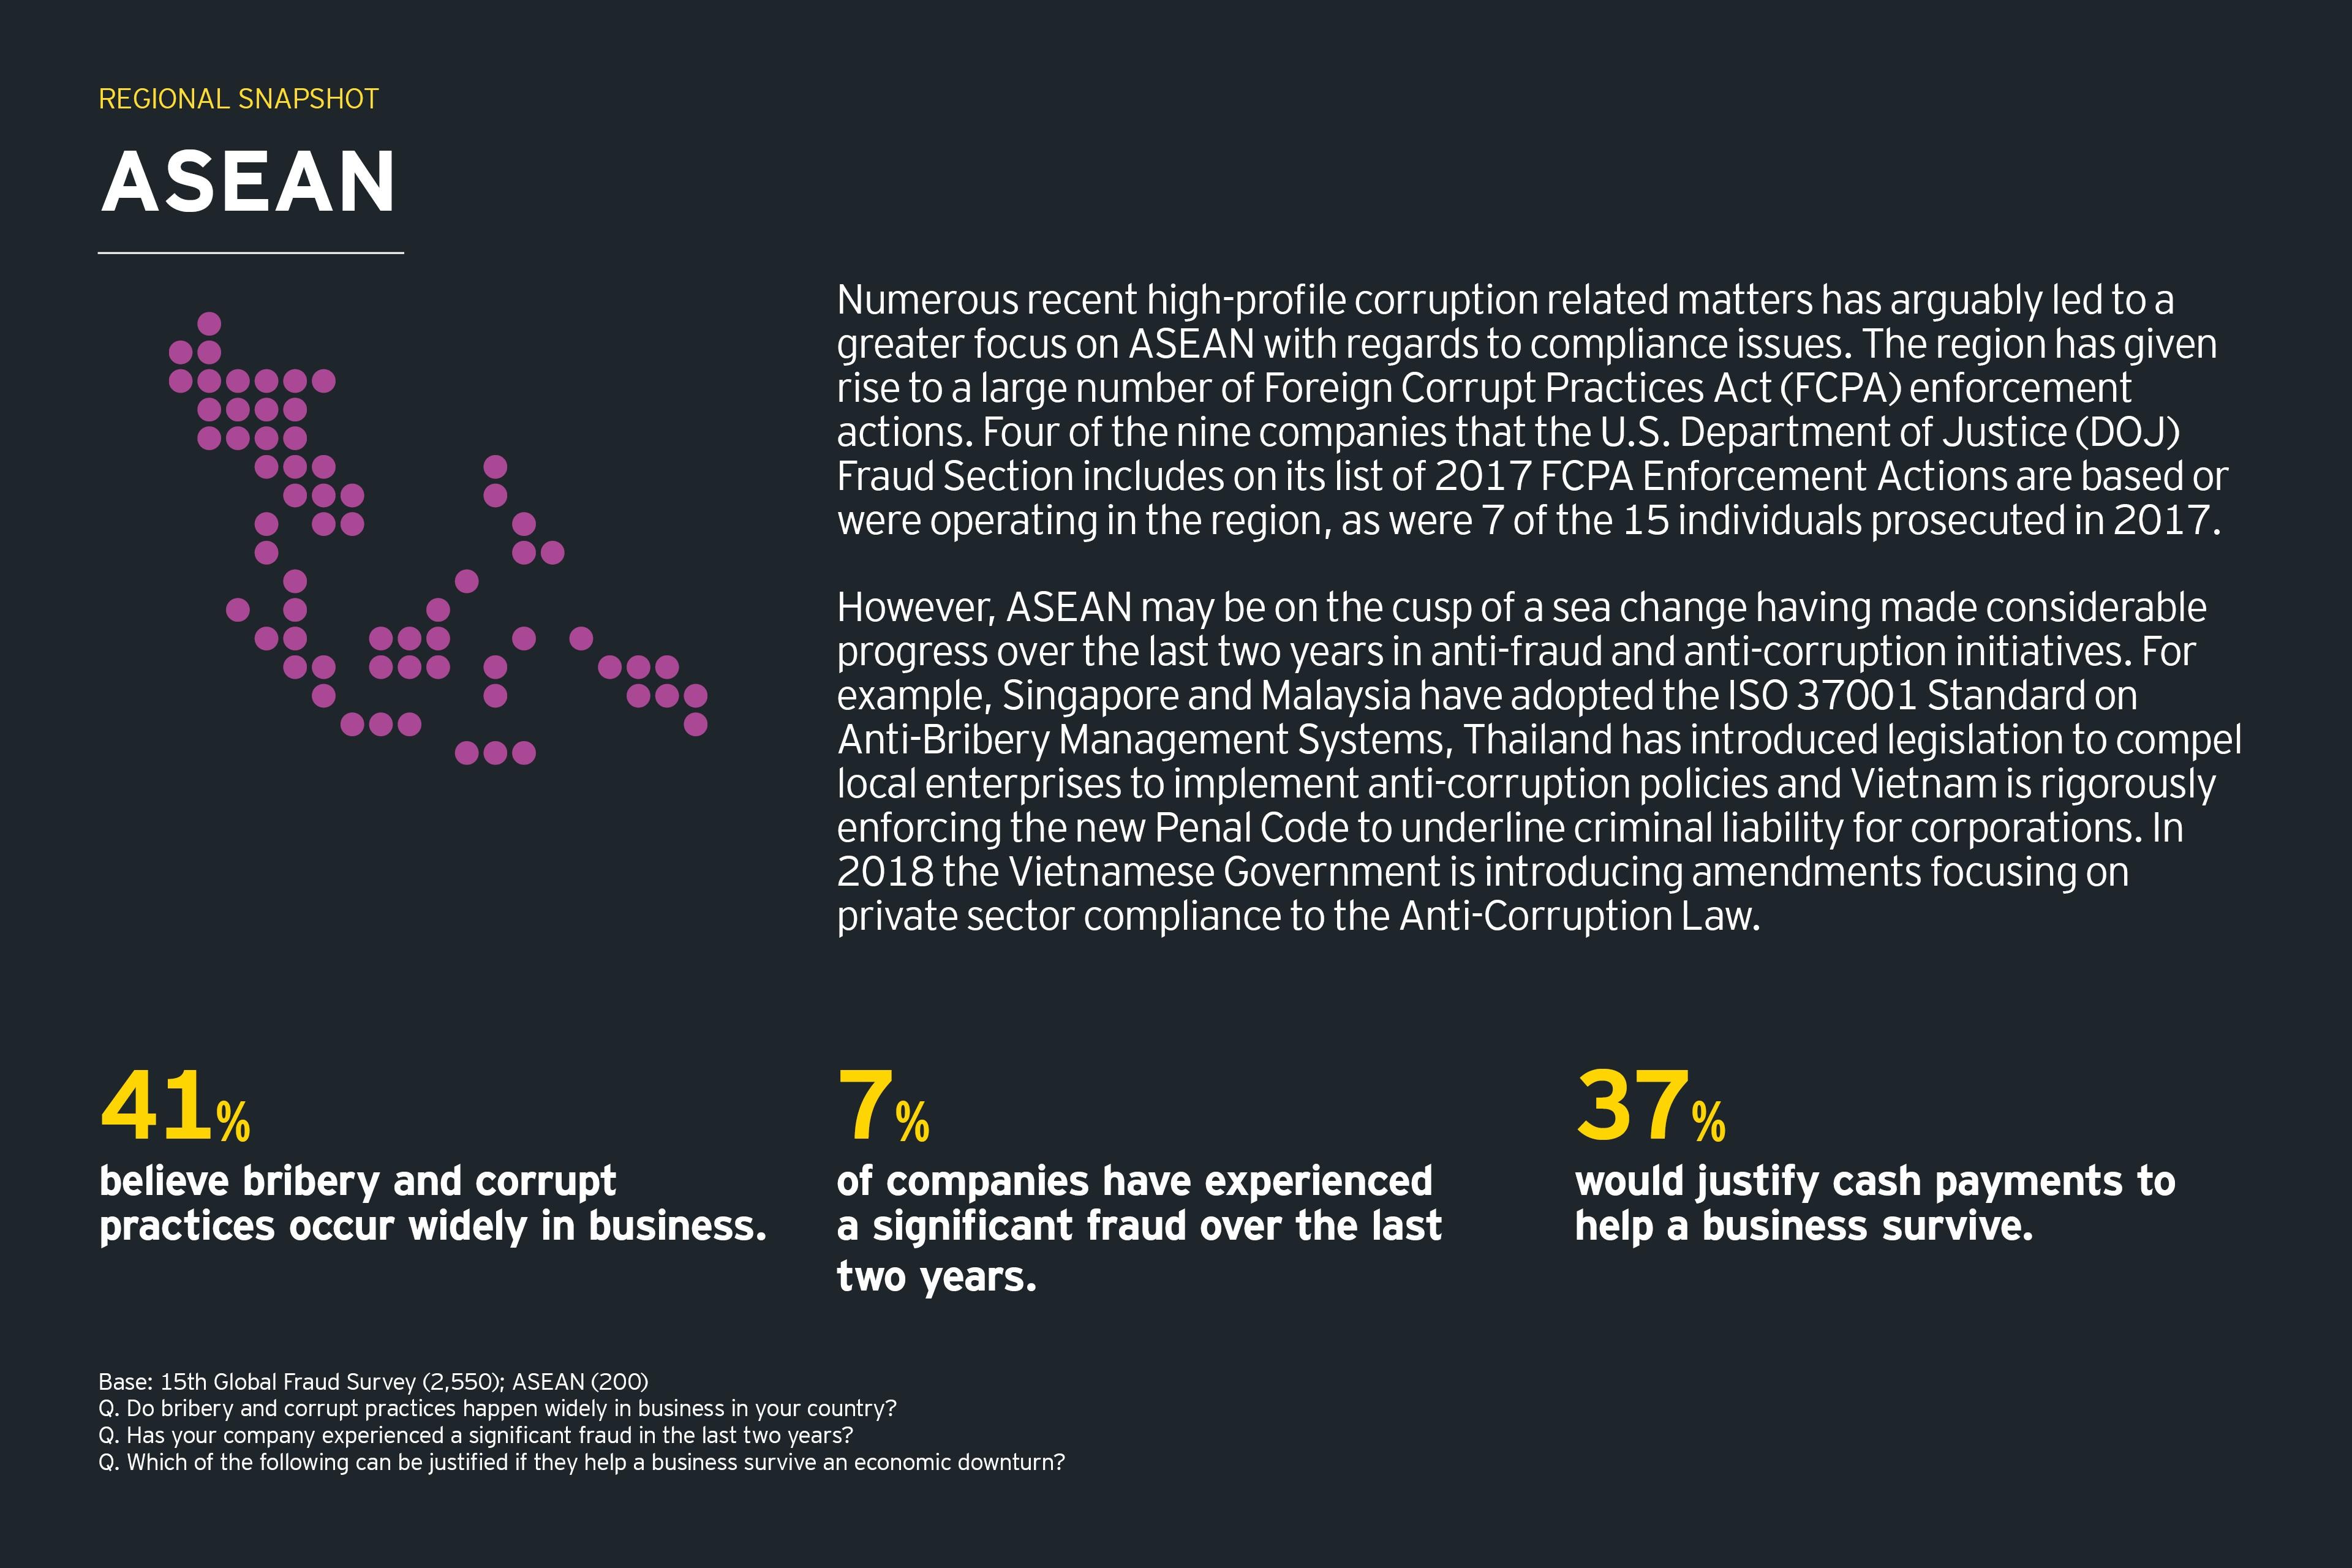 mercados emergentes-asean